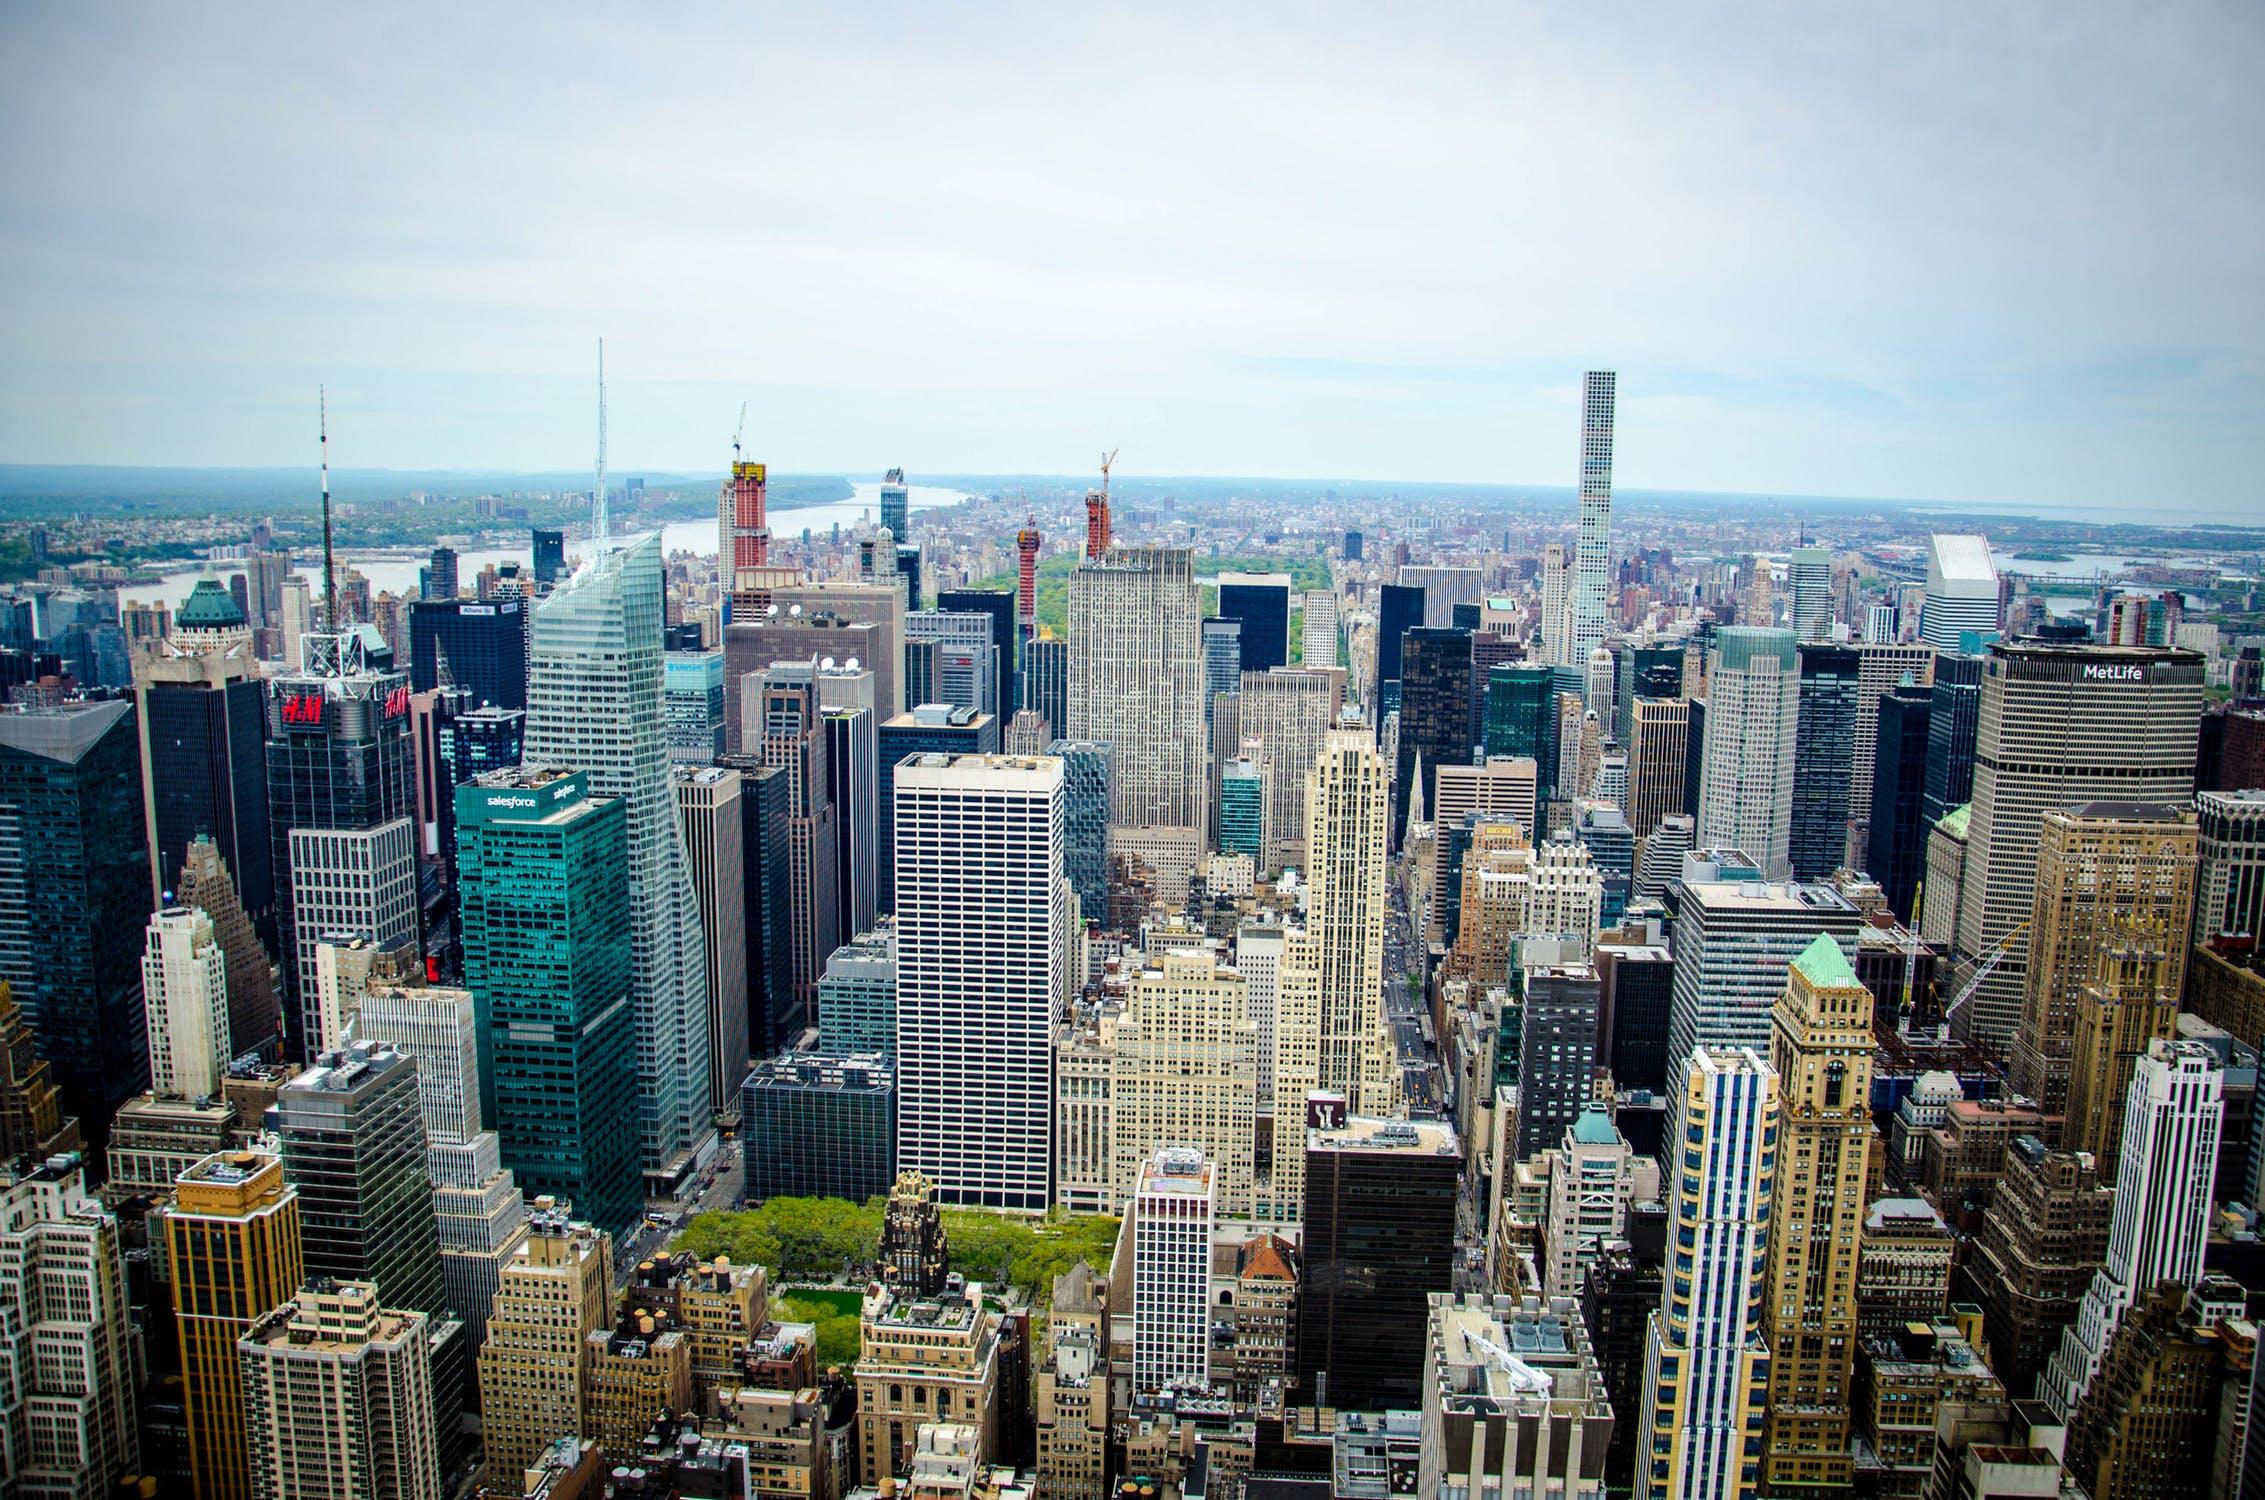 抚州发新政刺激房地产市场,当前三四线城市楼市会怎么走?